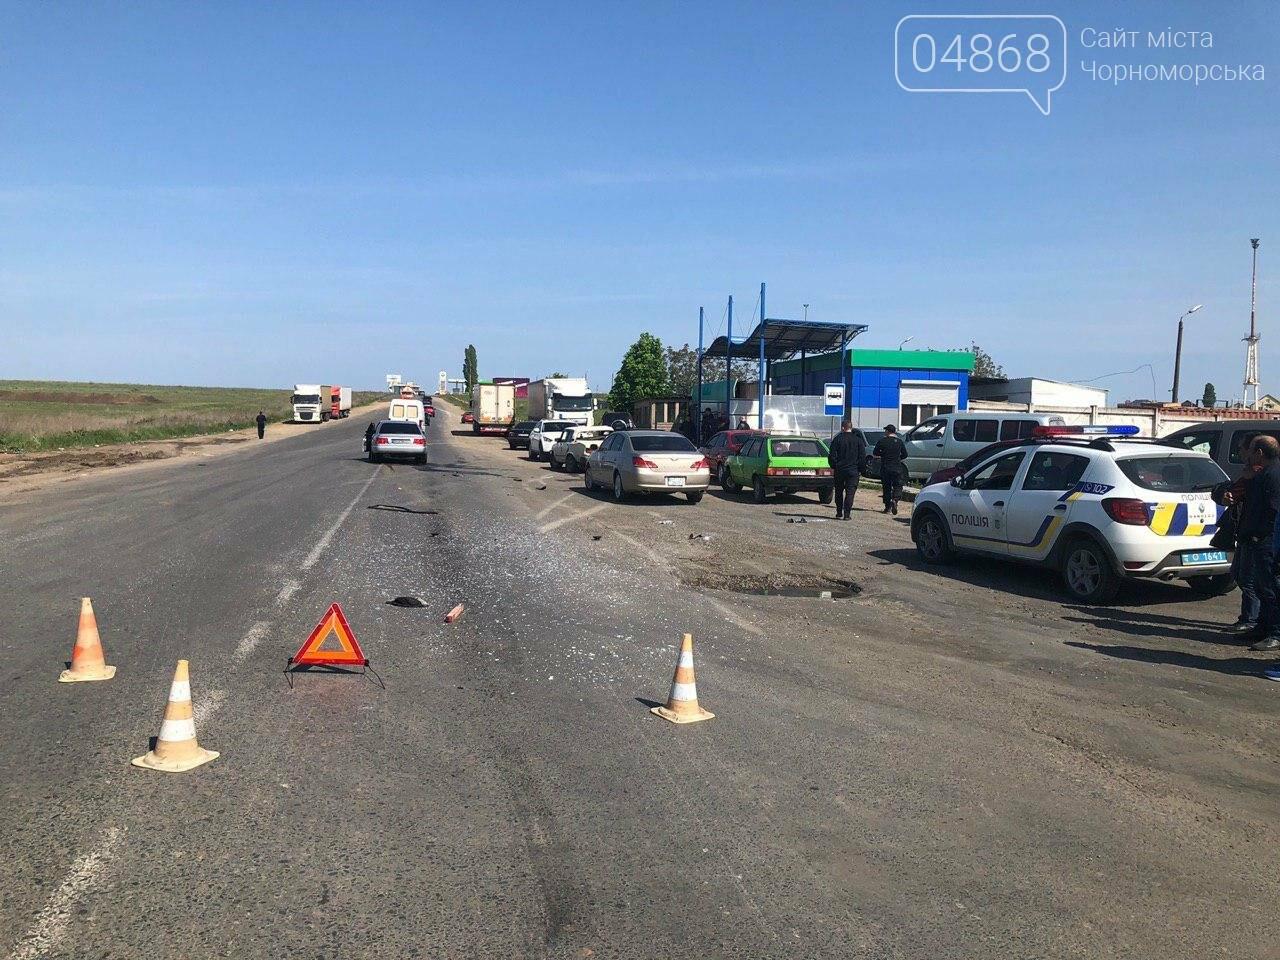 ДТП на трассе Одесса - Черноморск, есть пострадавшие, фото-16